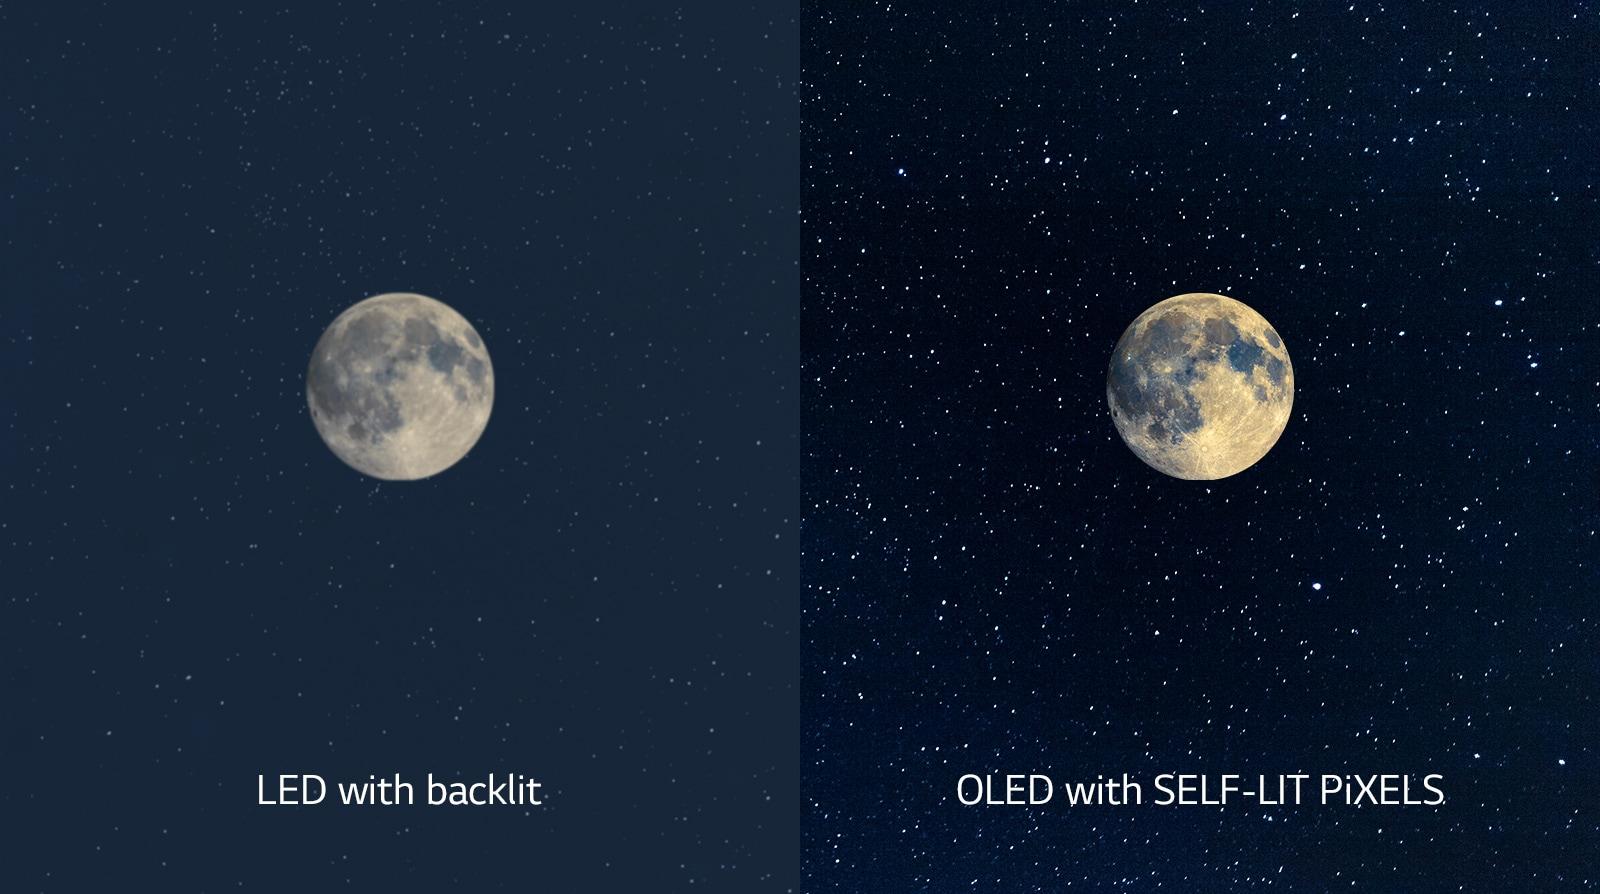 Una escena de la luna, LED en el lado izquierdo con un negro poco nítido y OLED a la derecha con un negro puro (reproducir el vídeo)